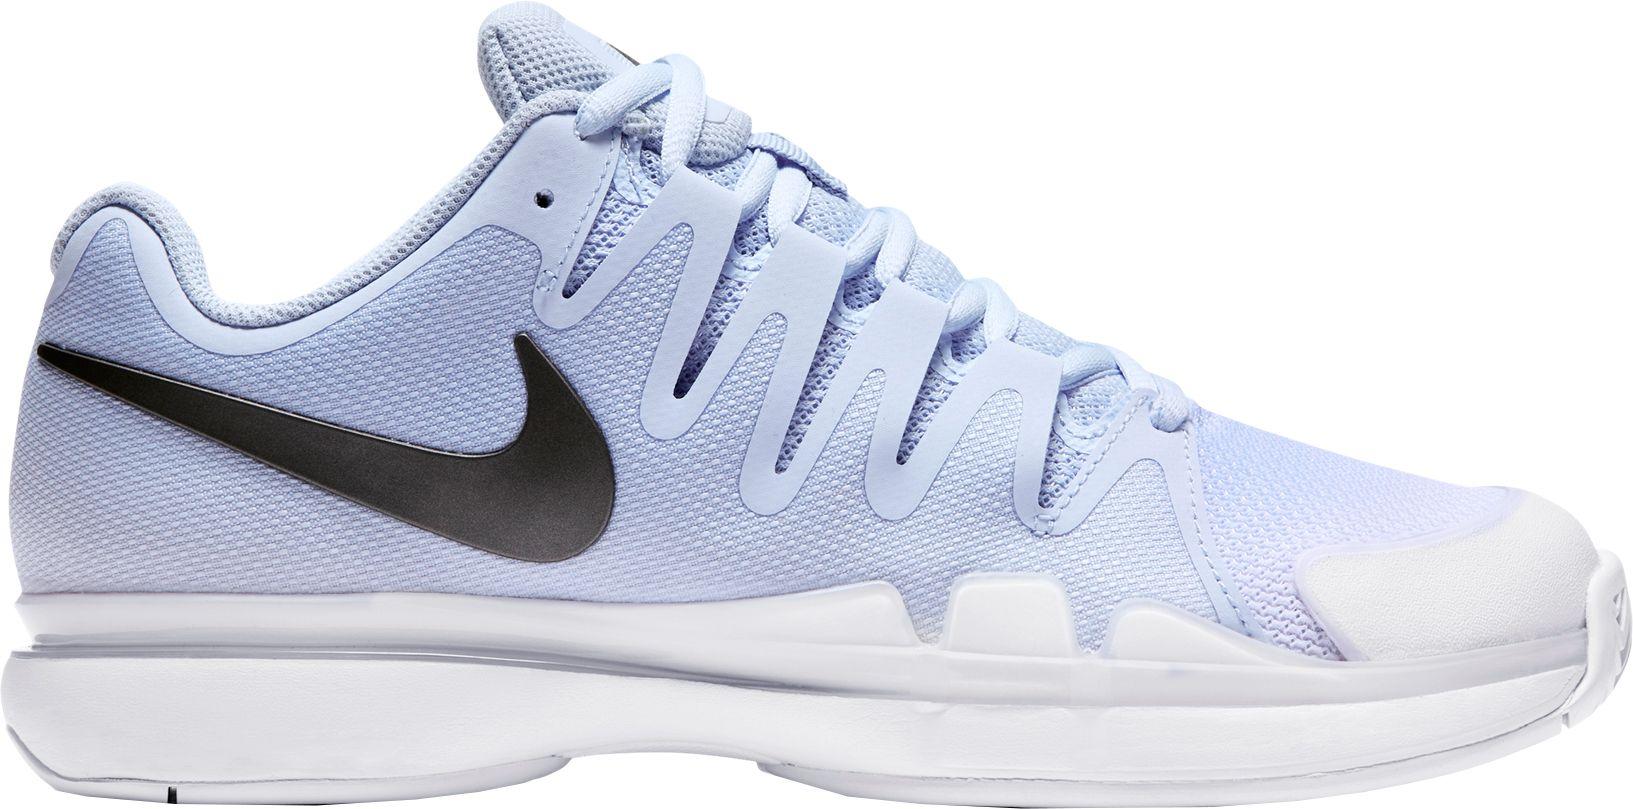 Todo El Metal Blanco Nike Vprege Zoom Zapatillas De Tenis Vprege Nike Repnik Vapor 2a77b3